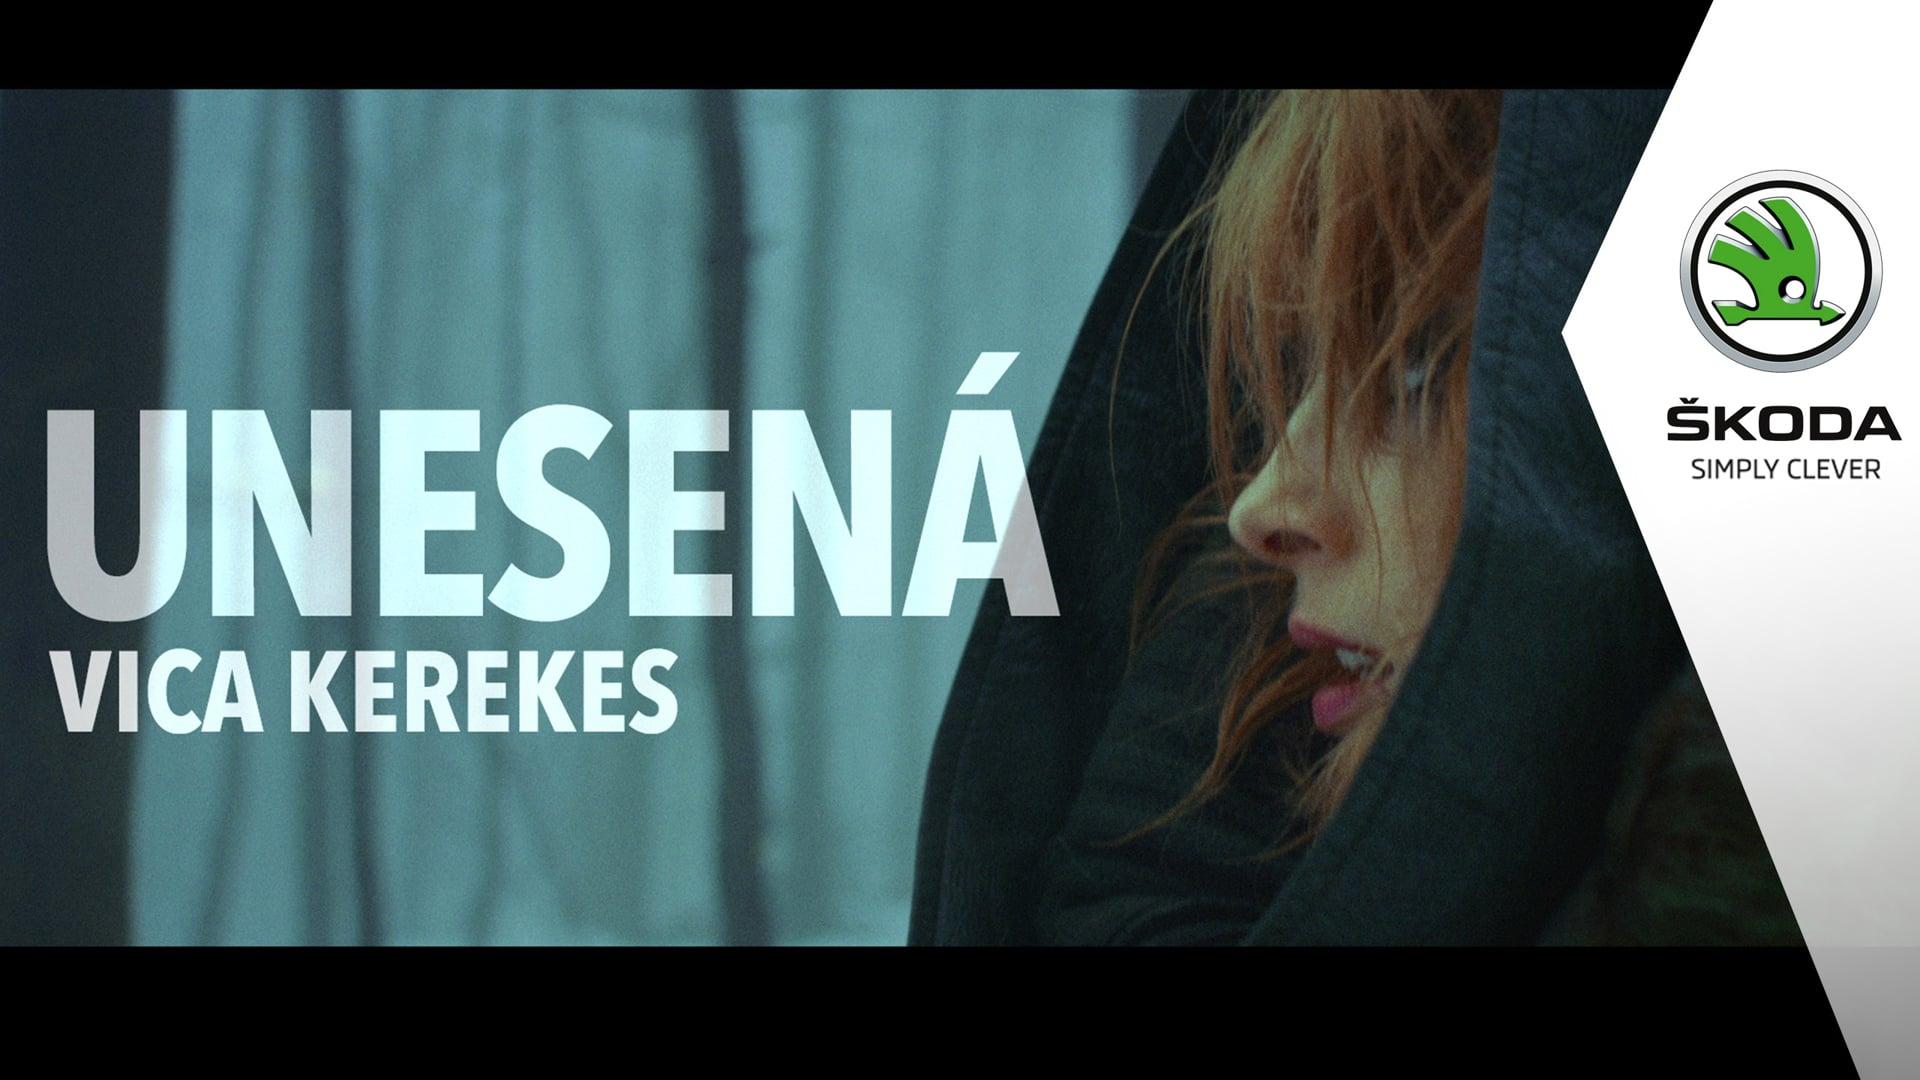 UNESENA - VICA KEREKES trailer